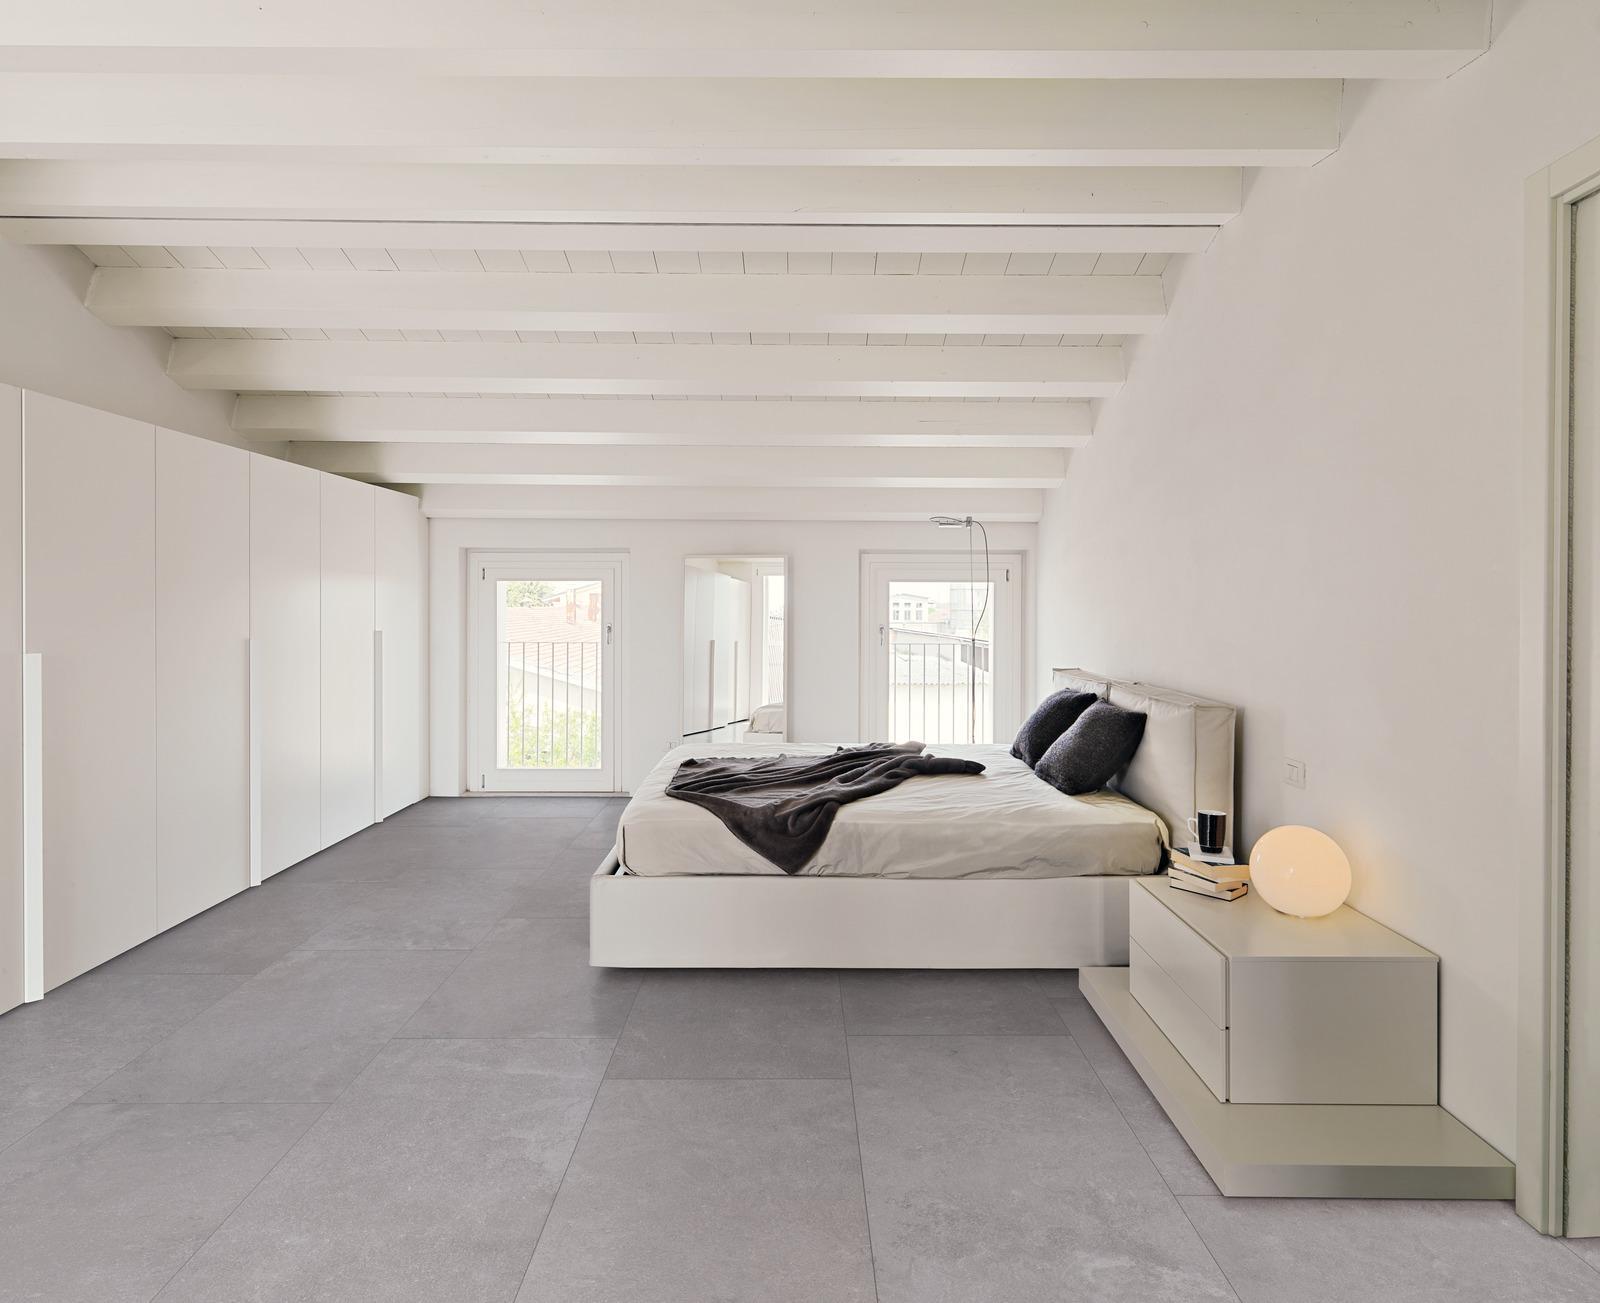 Pavimenti Camere Da Letto Moderne piastrelle camera da letto: ceramica per la zona notte   ragno